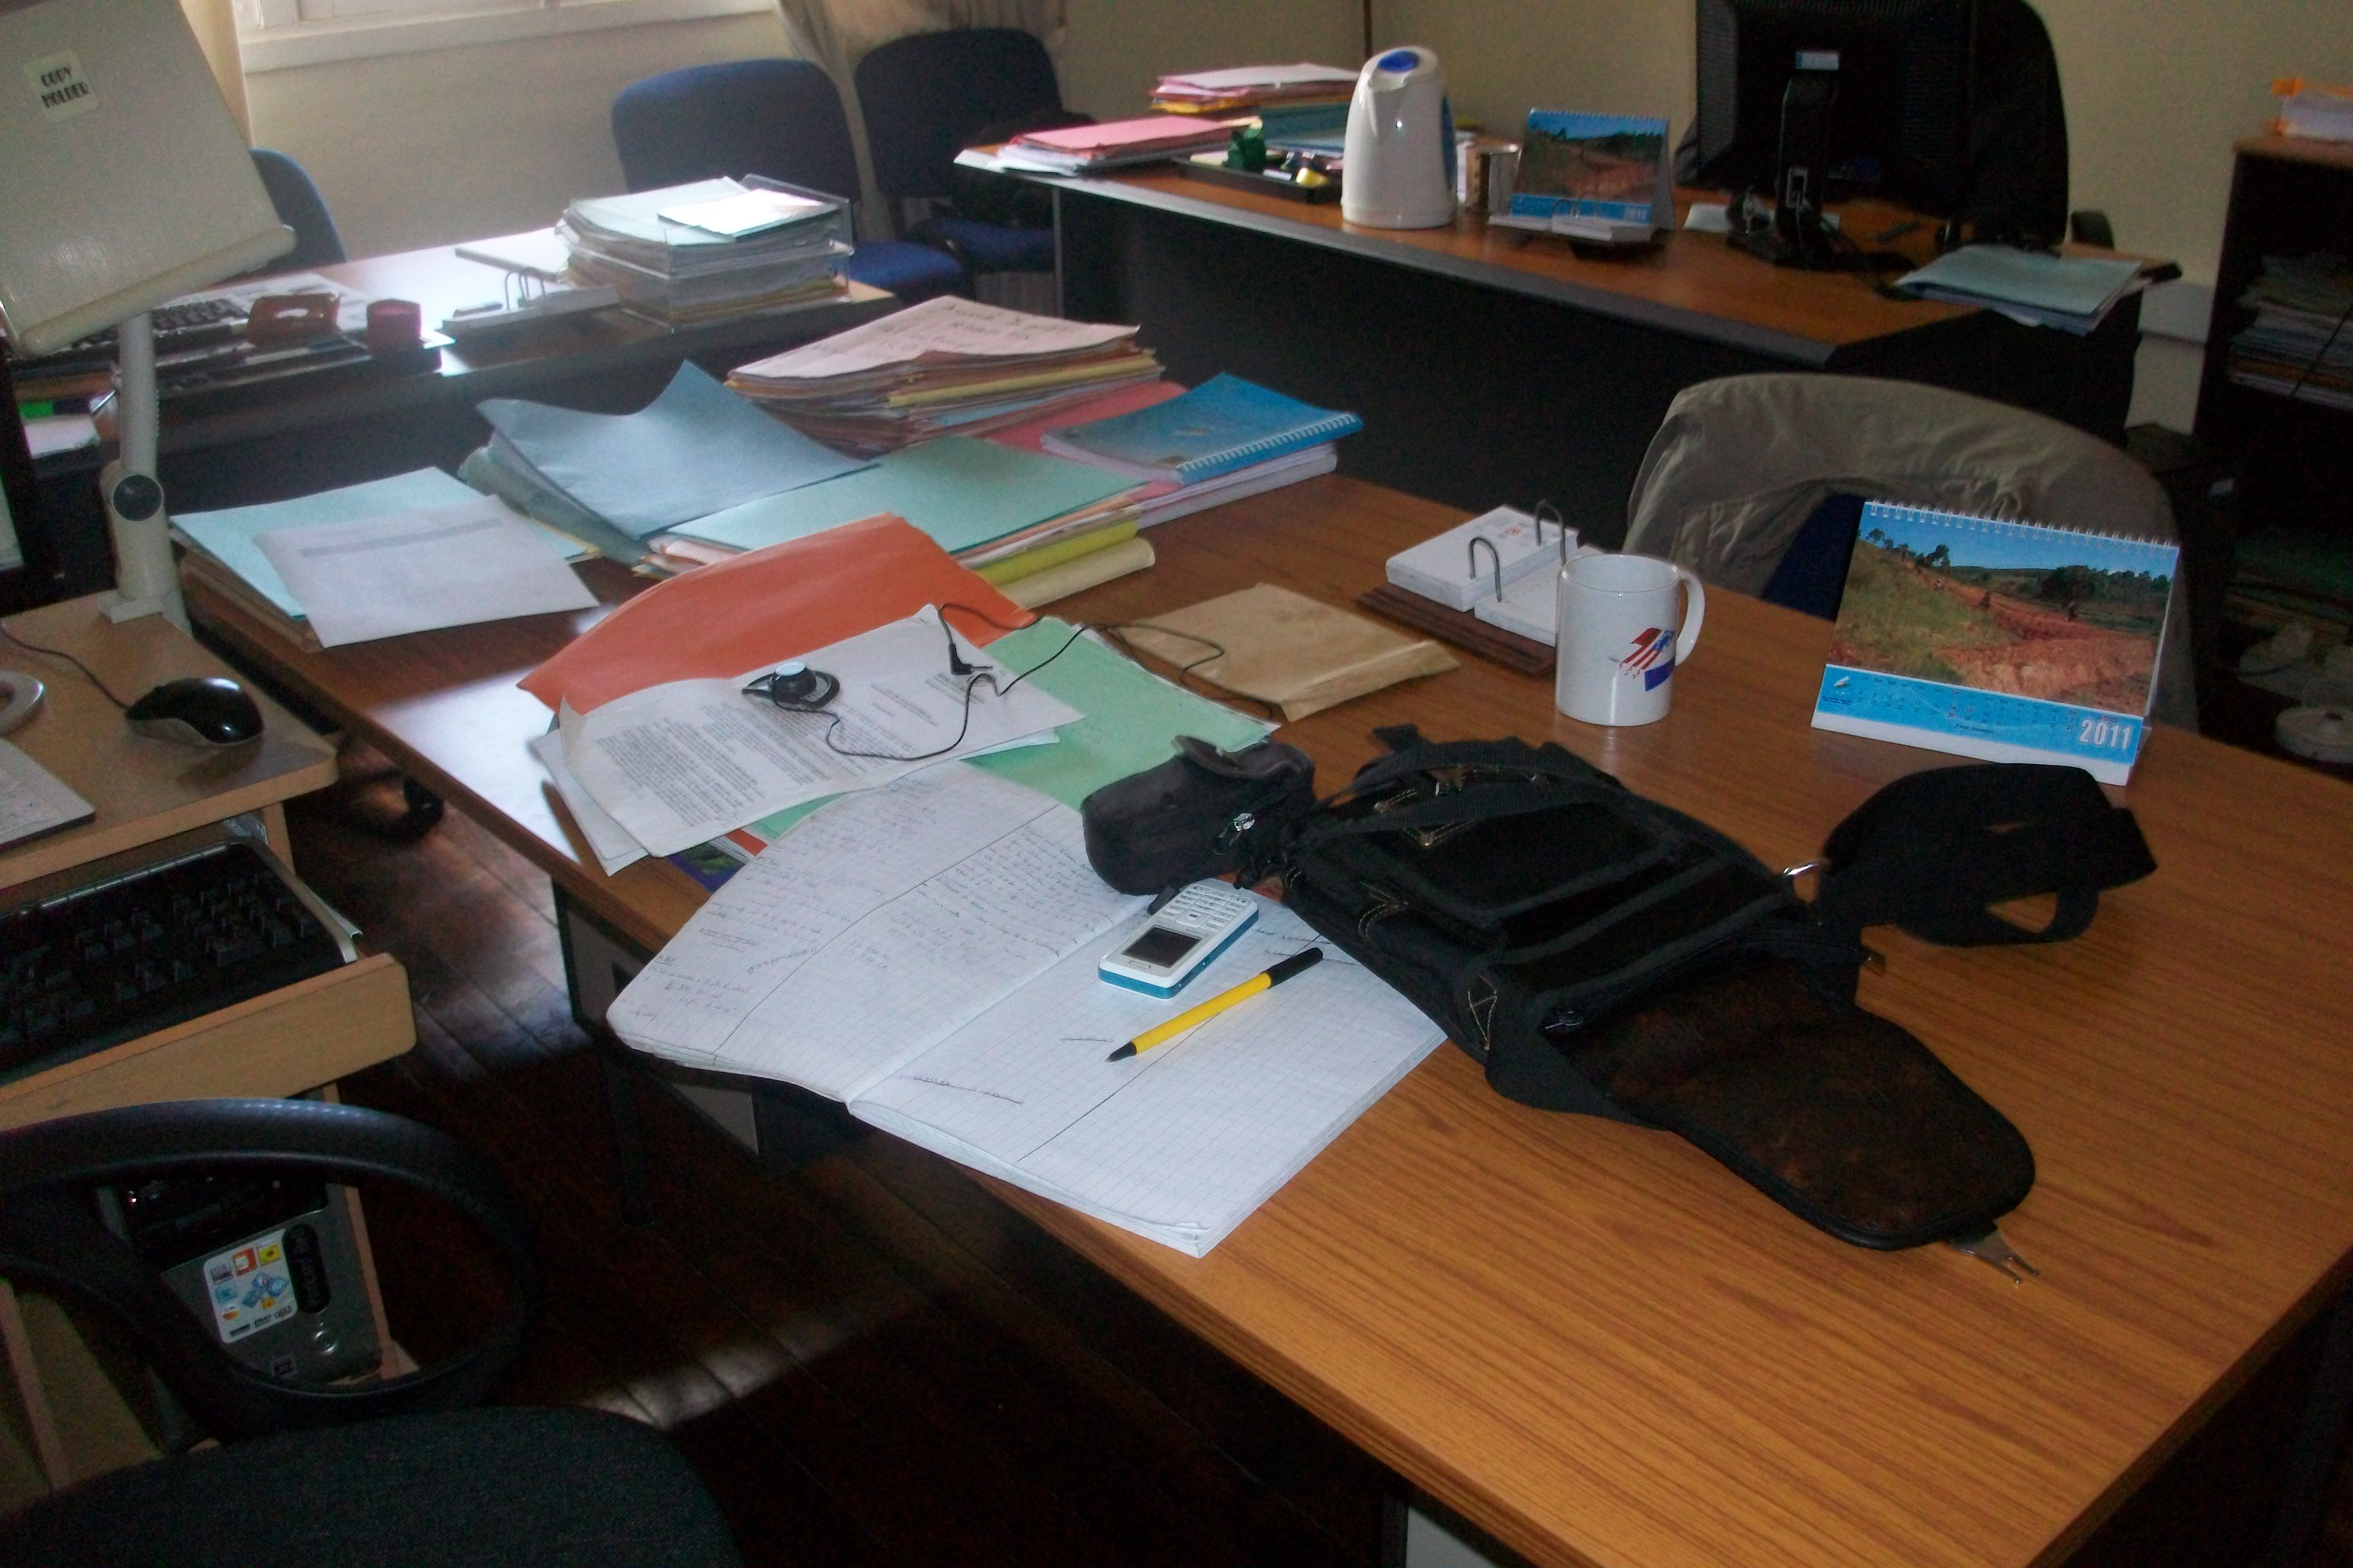 6096106424 de71bb69ae o - dịch vụ chỉnh sửa số liệu luận văn báo cáo tốt nghiệp